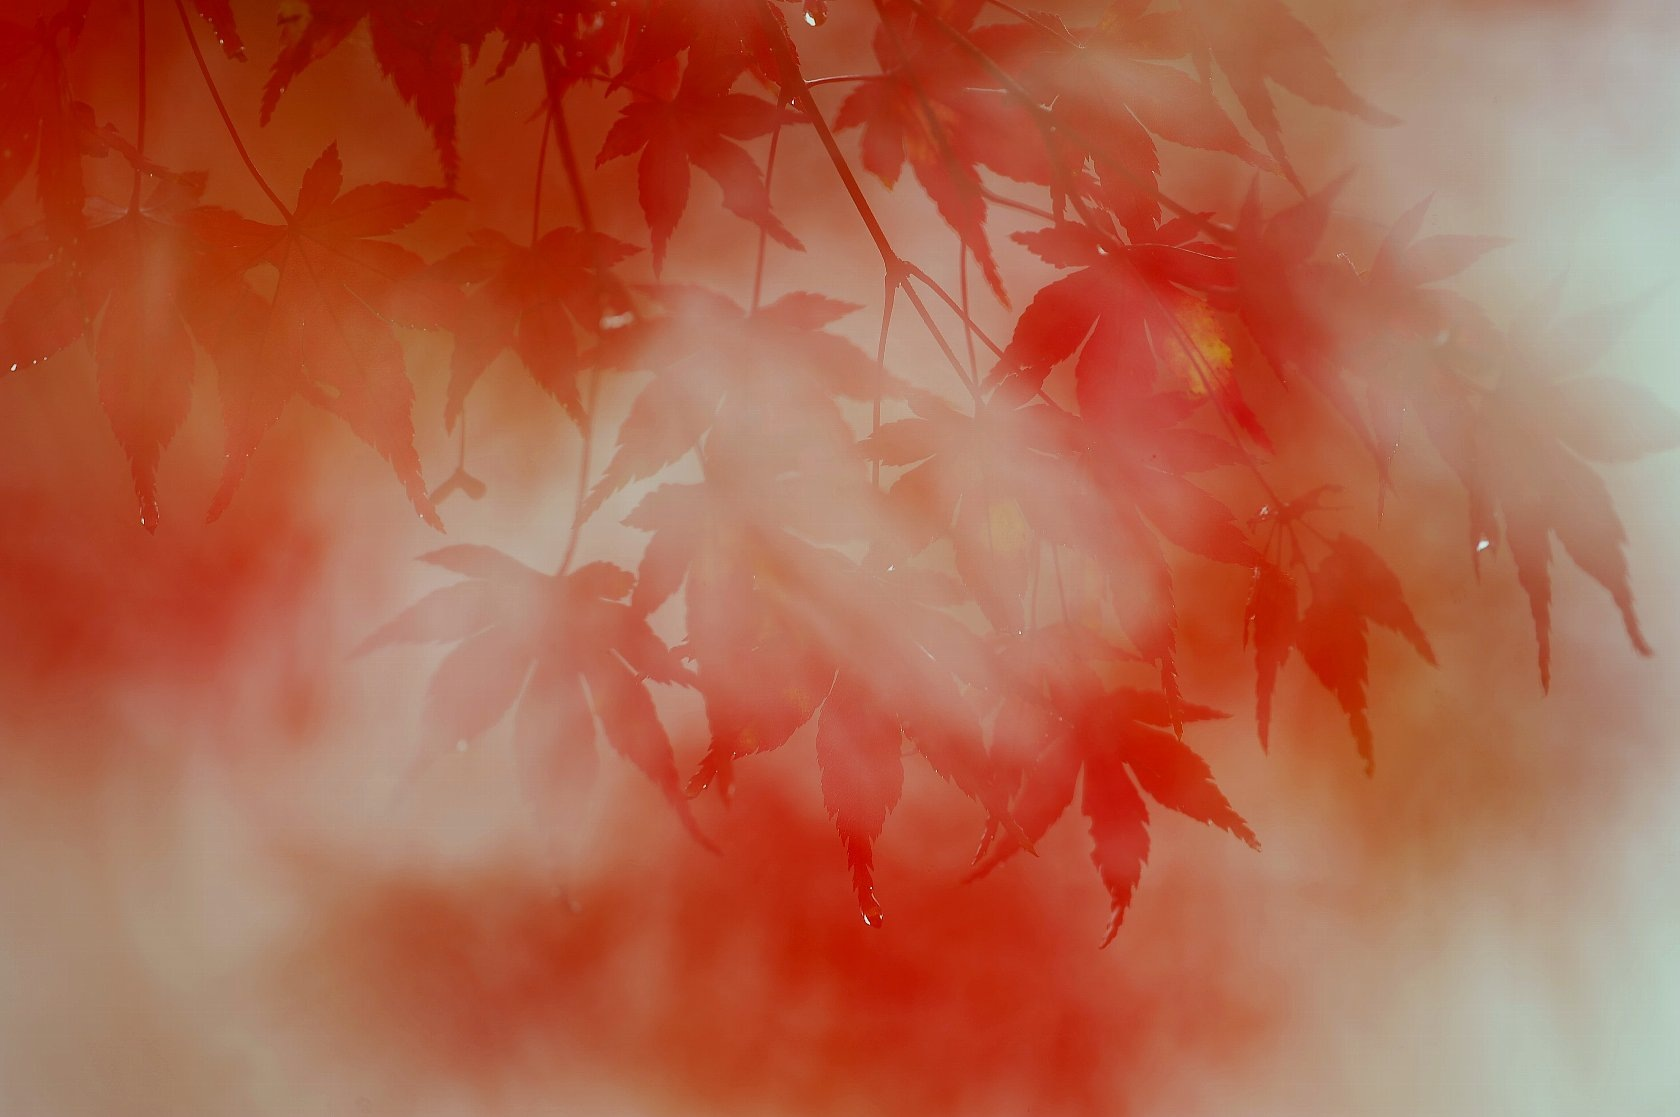 Untitled by Syuki Eita